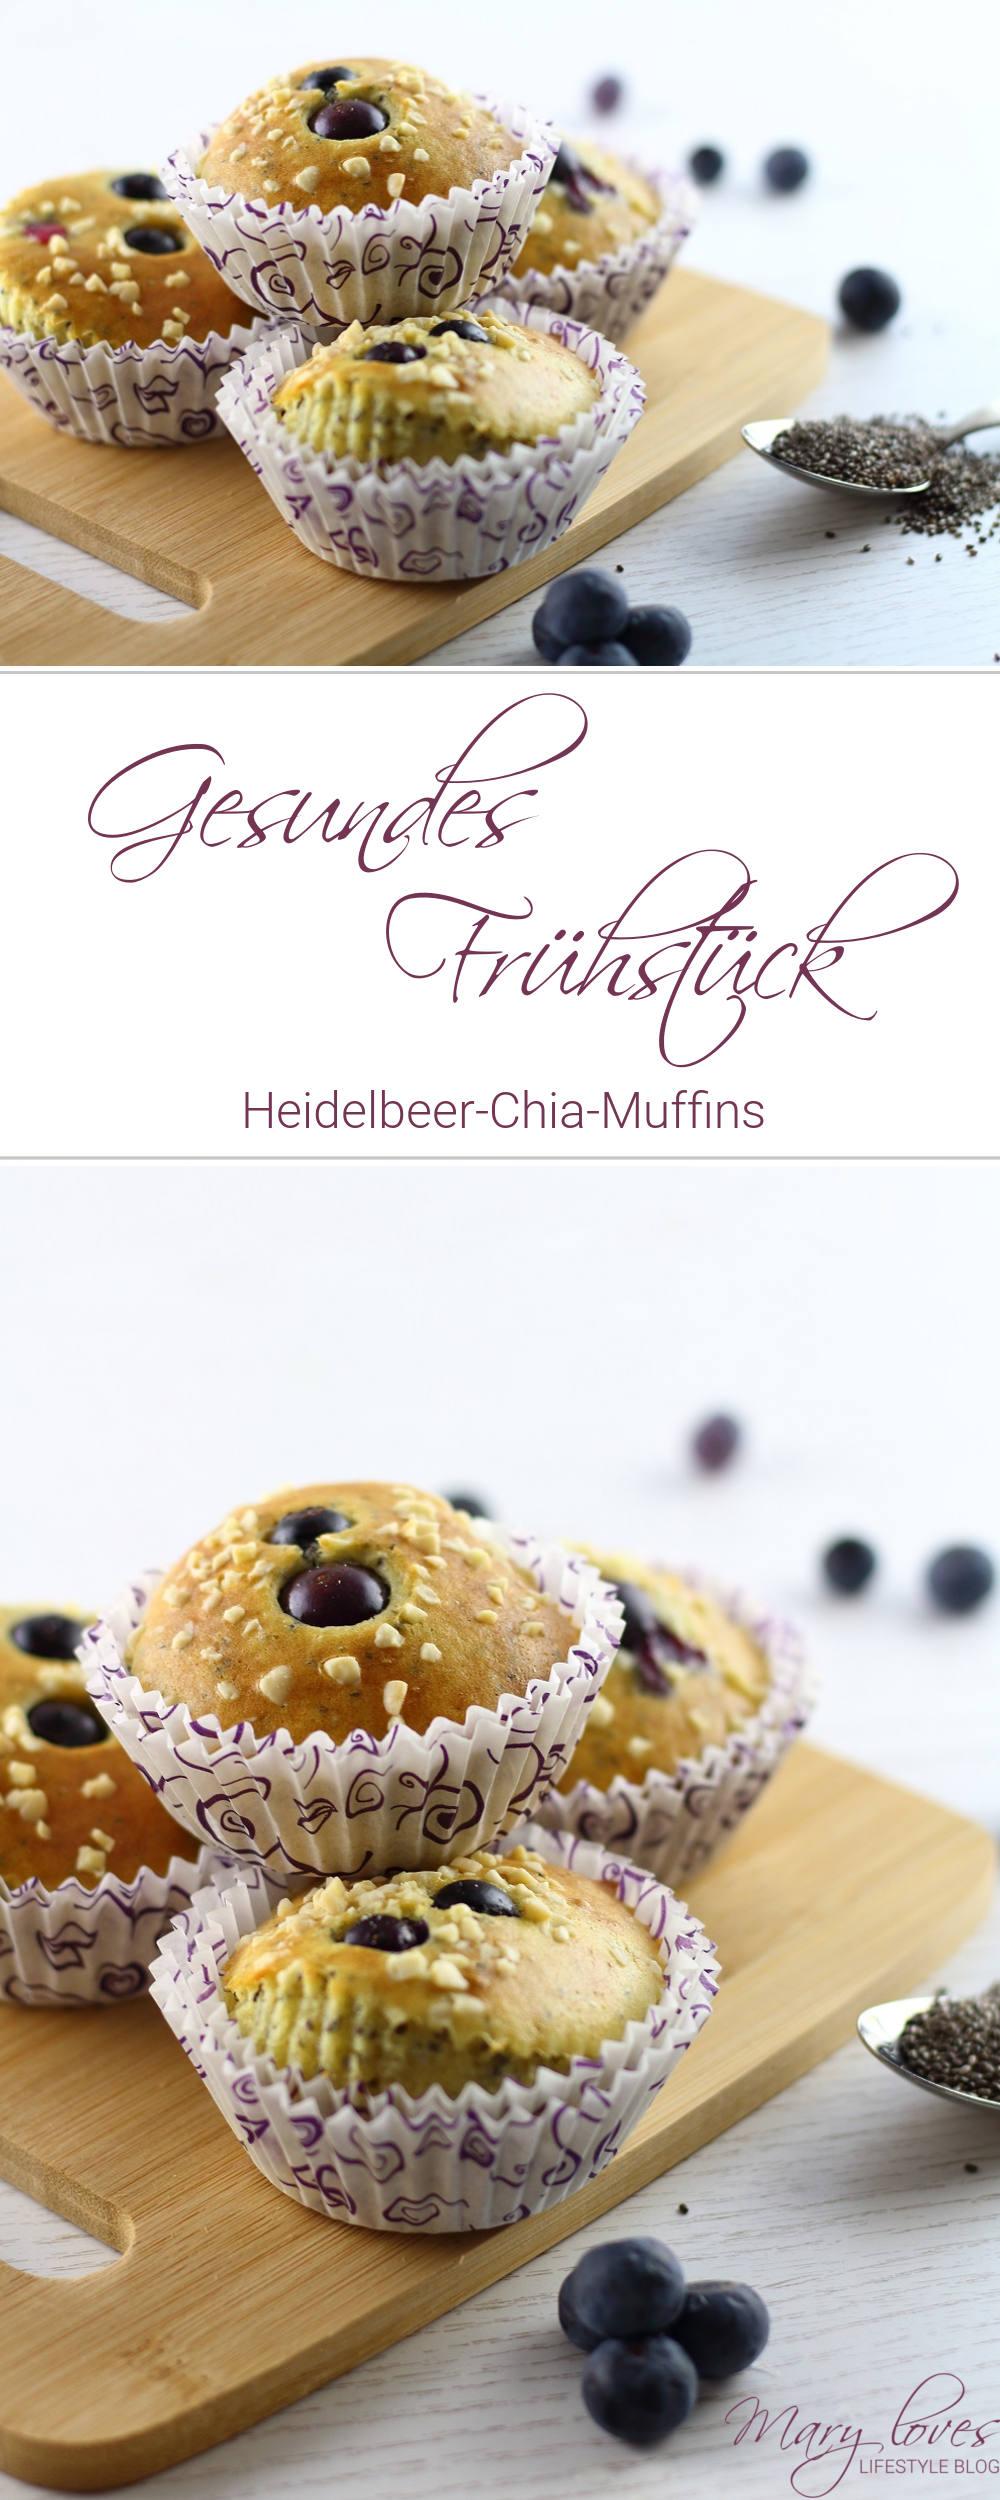 Gesundes Frühstück - Heidelbeer-Chia-Muffins - #muffins #heidelbeermuffins #chiamuffins #chiasamen #chia #frühstück #frühstückmuffins